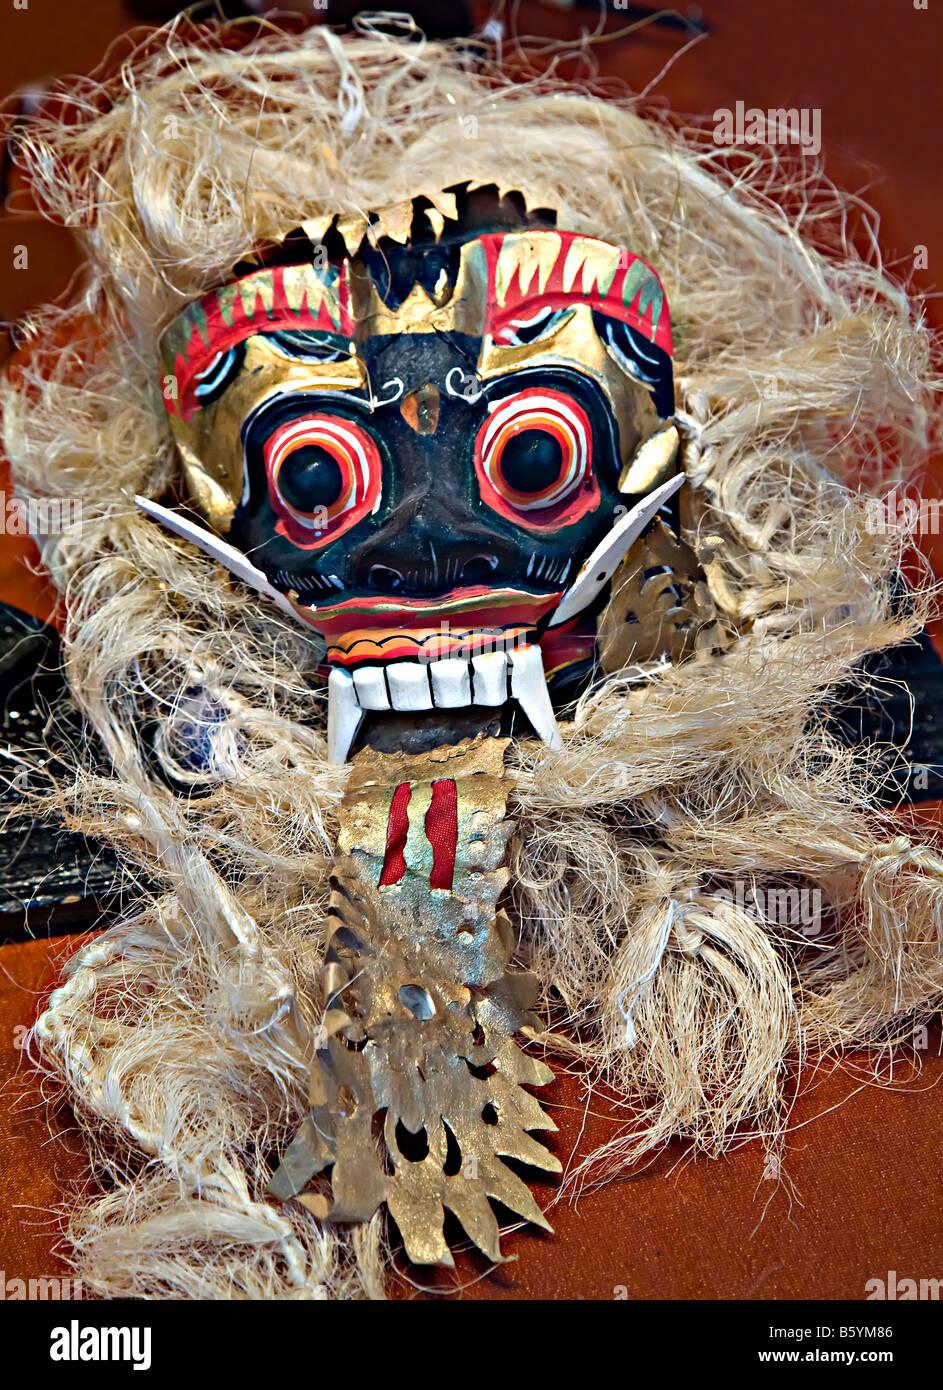 Frightening mask - Stock Image